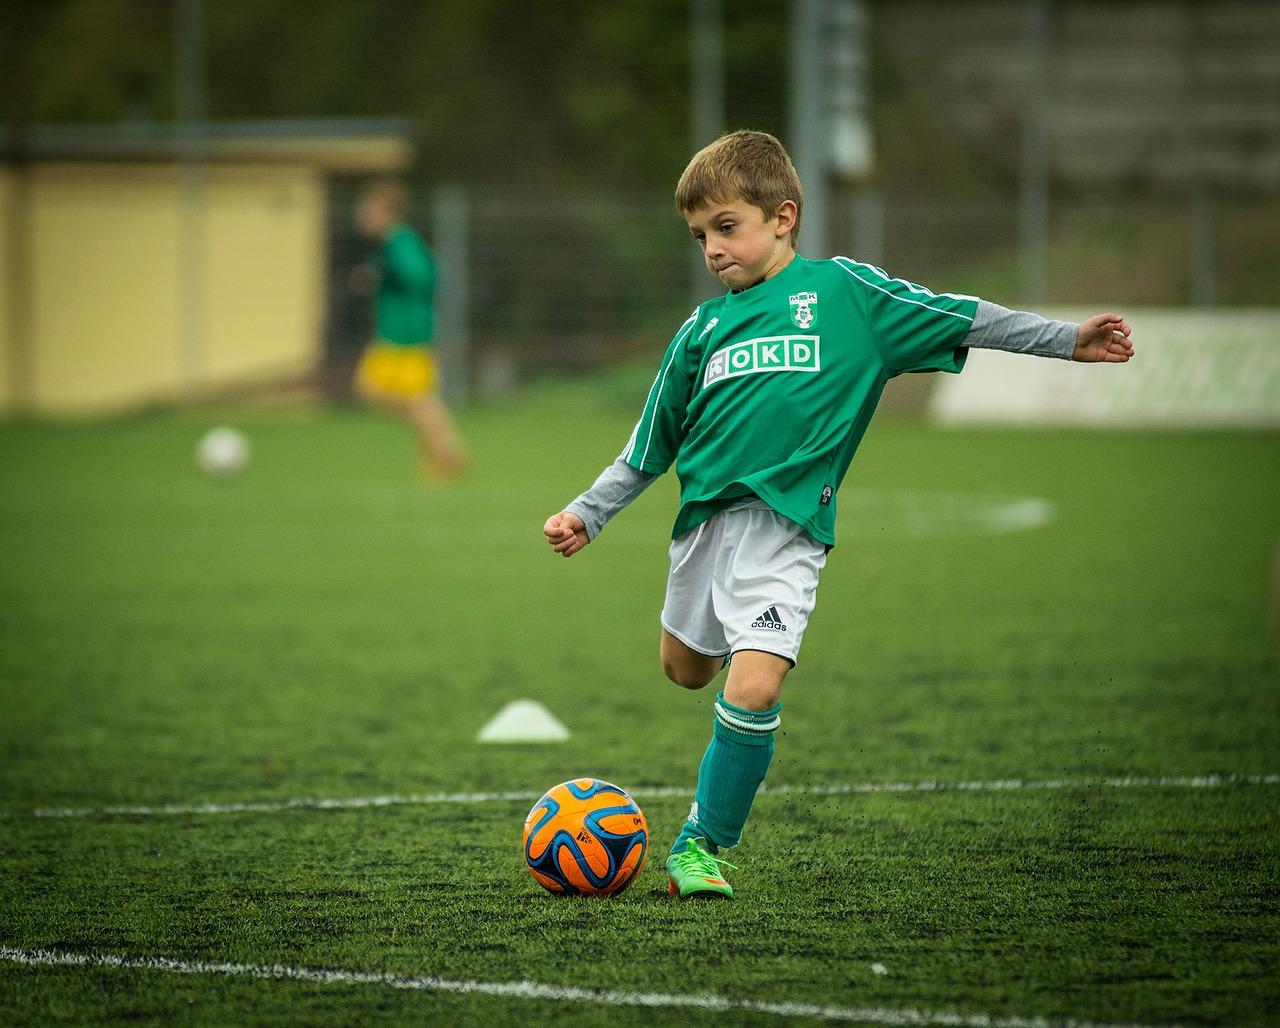 サッカーをしているオスグット少年